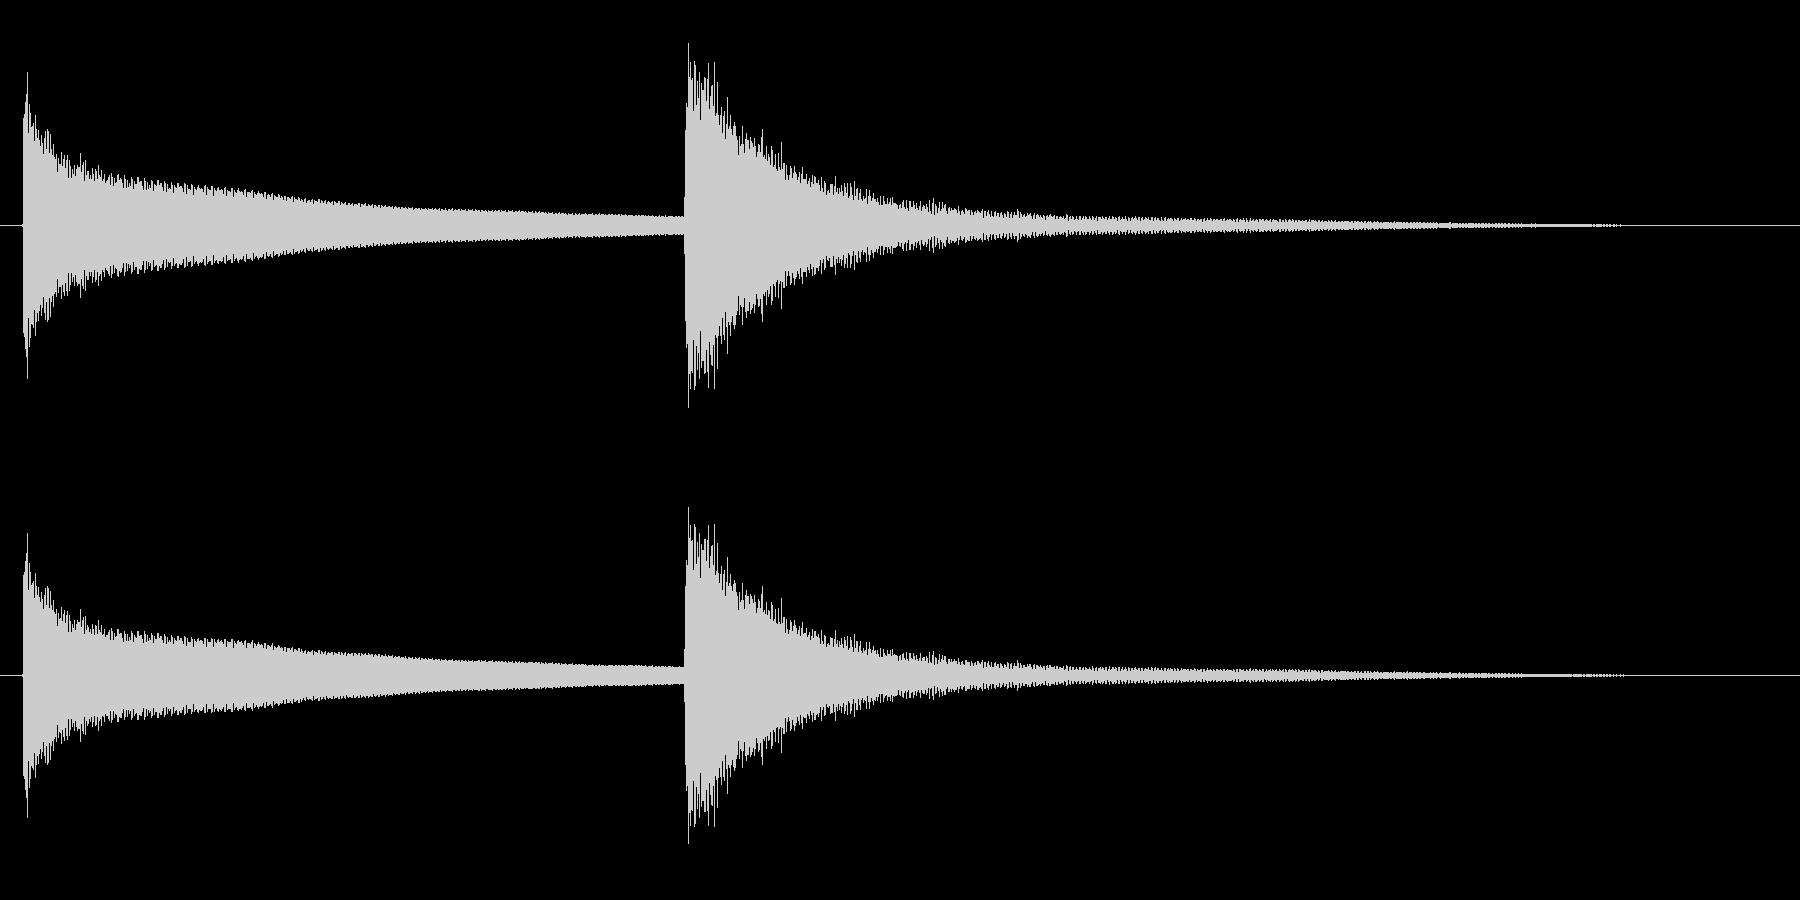 キンコンという高い金属音の未再生の波形